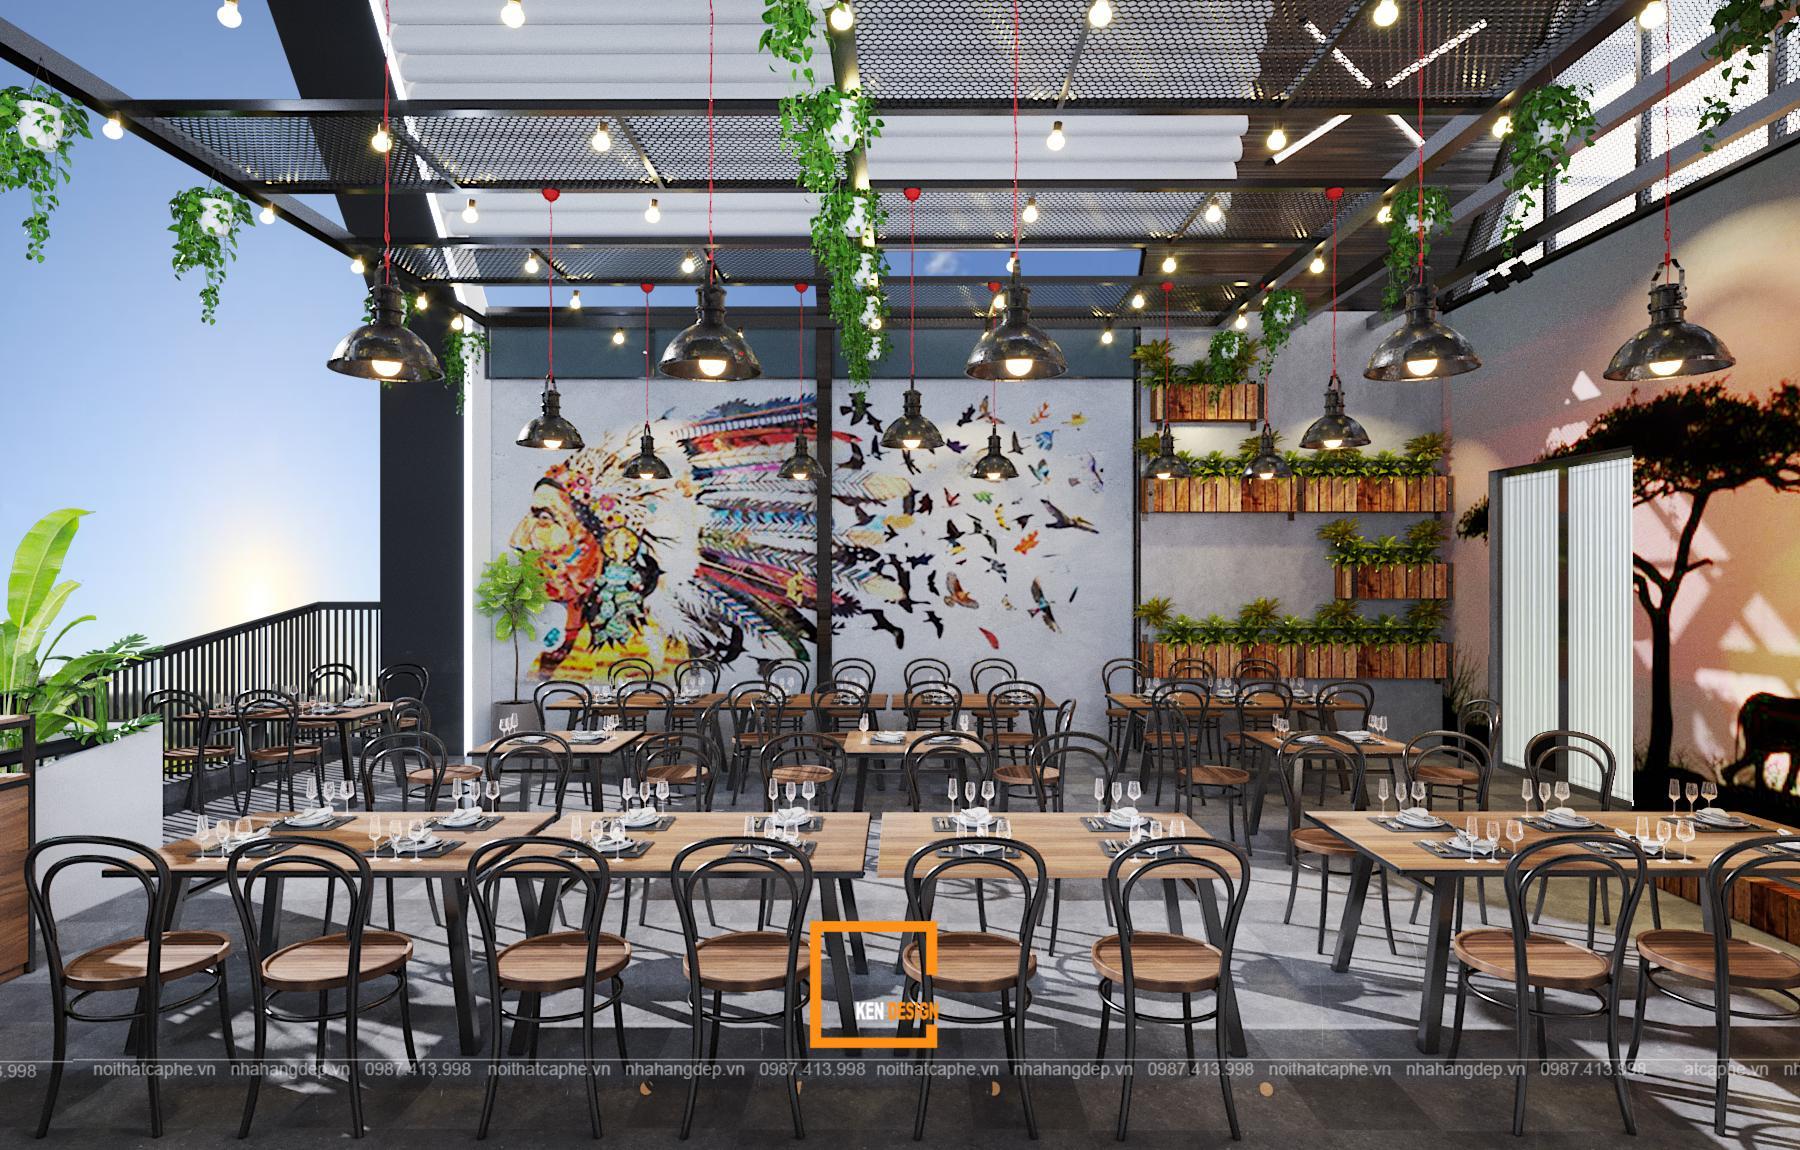 thiết kế khu liên hợp nhà ở, nhà hàng